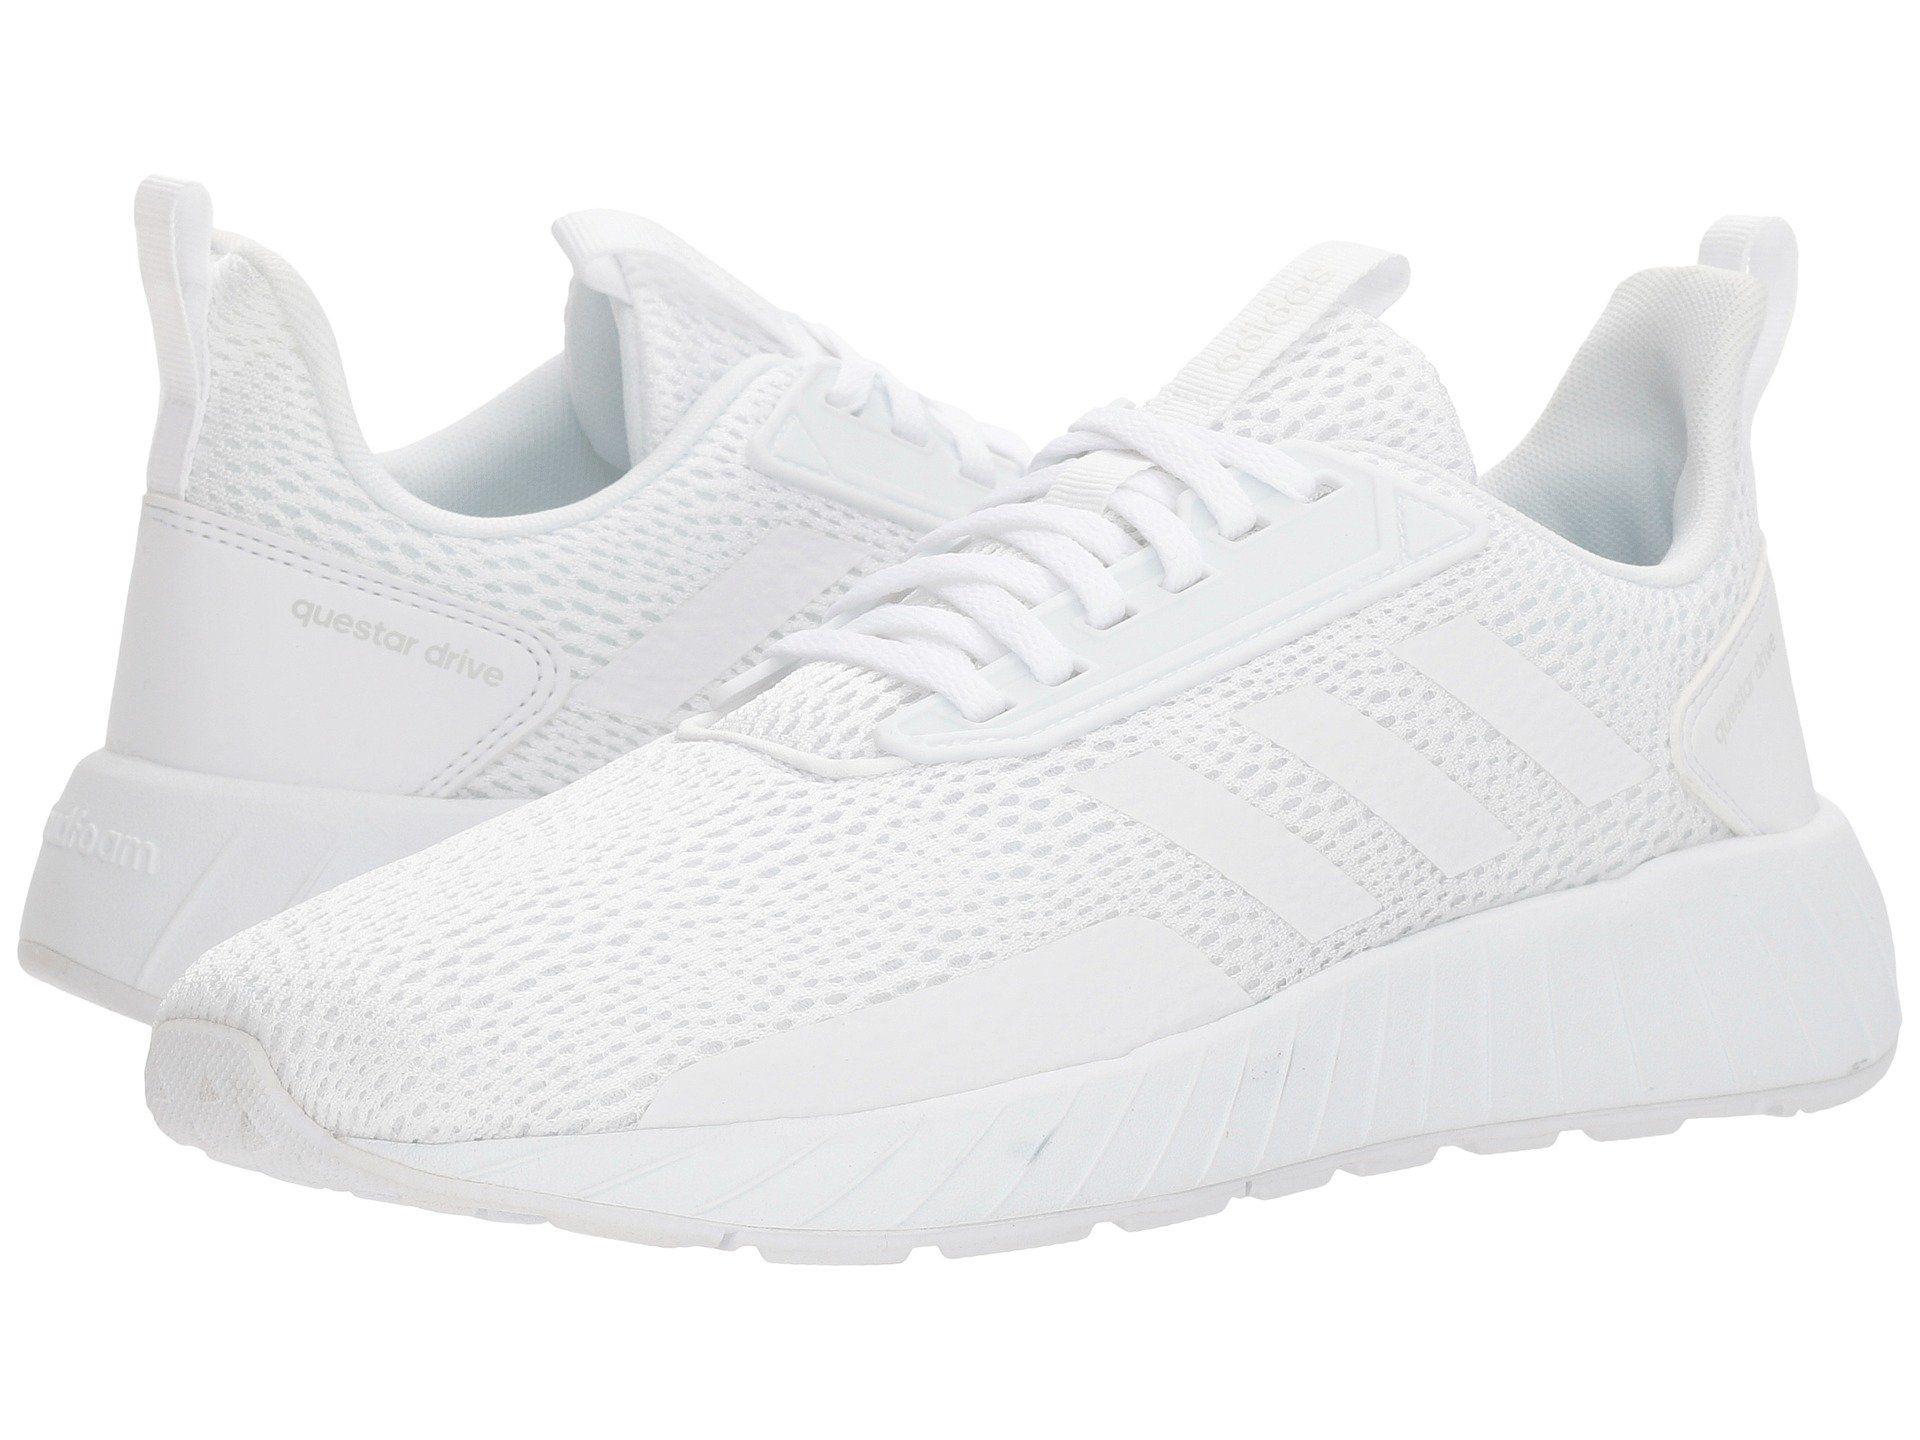 ADIDAS ORIGINALS Questar Drive. #adidasoriginals #shoes